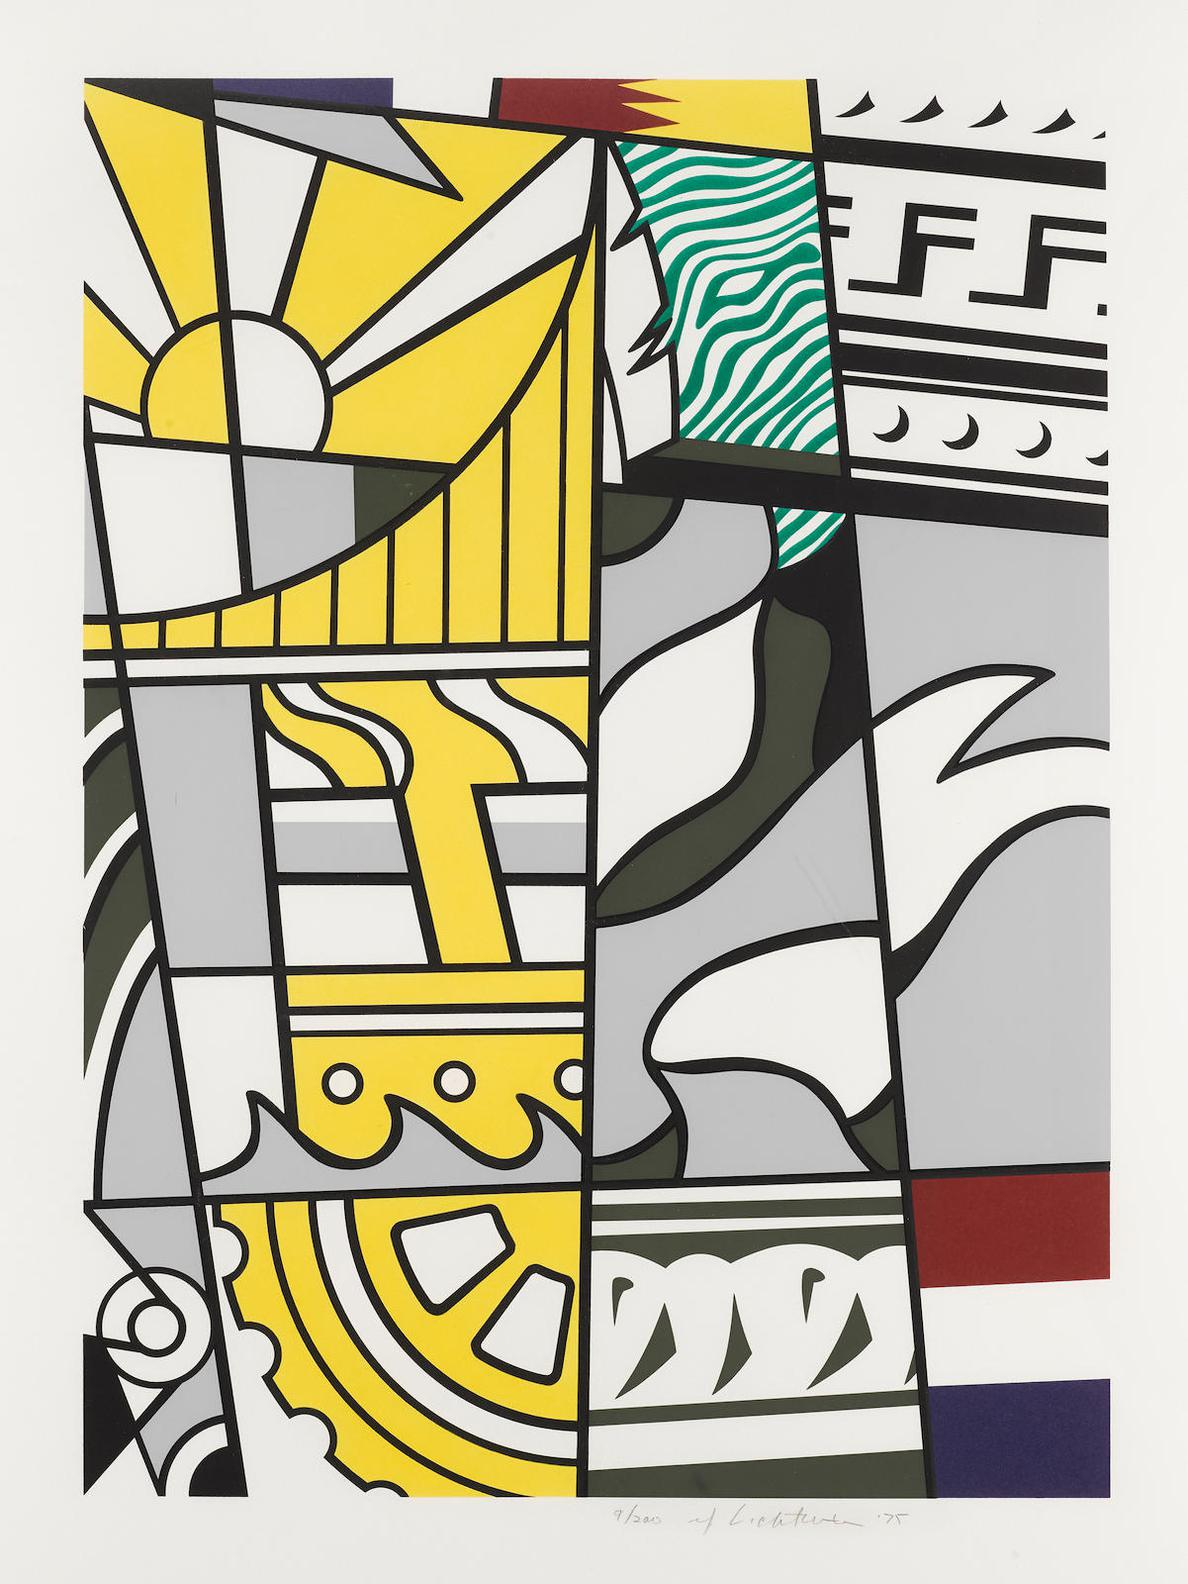 Roy Lichtenstein-Bicentennial Print, From American Portrait 1776-1976 Bicentennial Portfolio (C. 136), 1975-6-1976